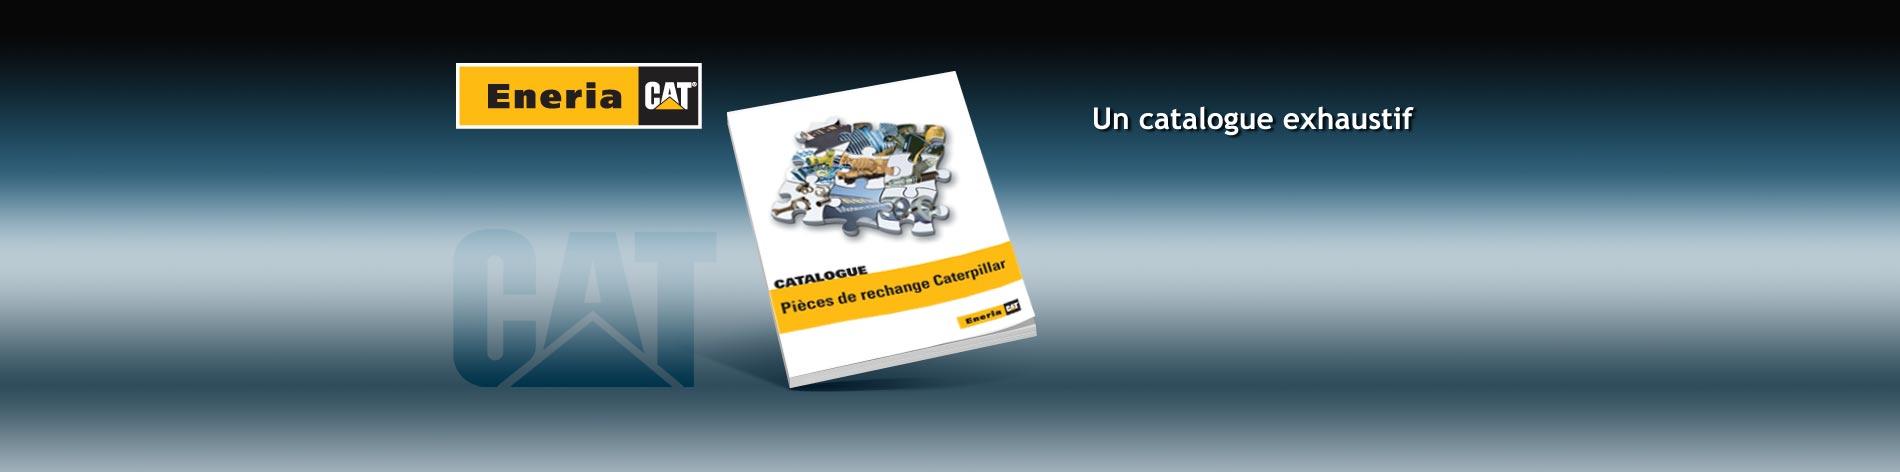 Les milliers de pièces Caterpillar disponibles sont décrites dans le catalogue « Votre fournisseur sûr ».